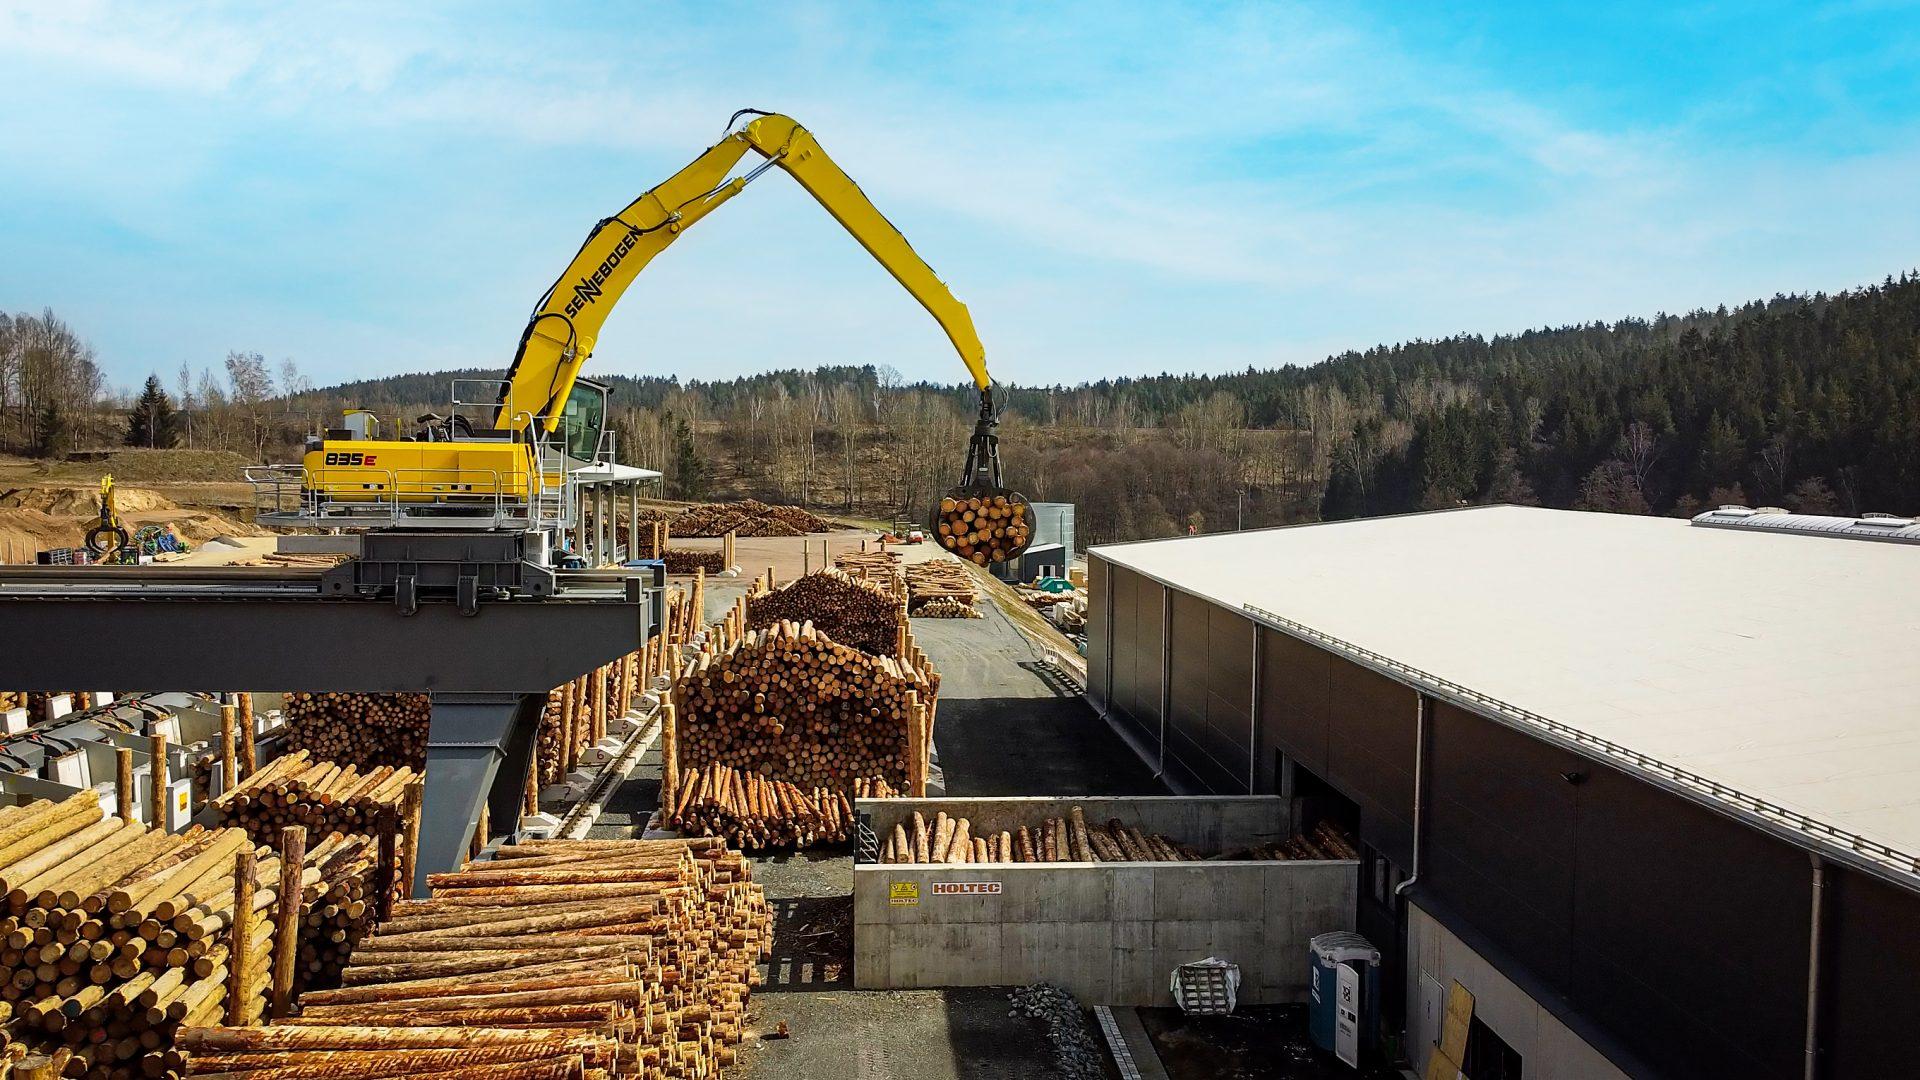 GELO Holzwerke's 835 E shown moving logs.